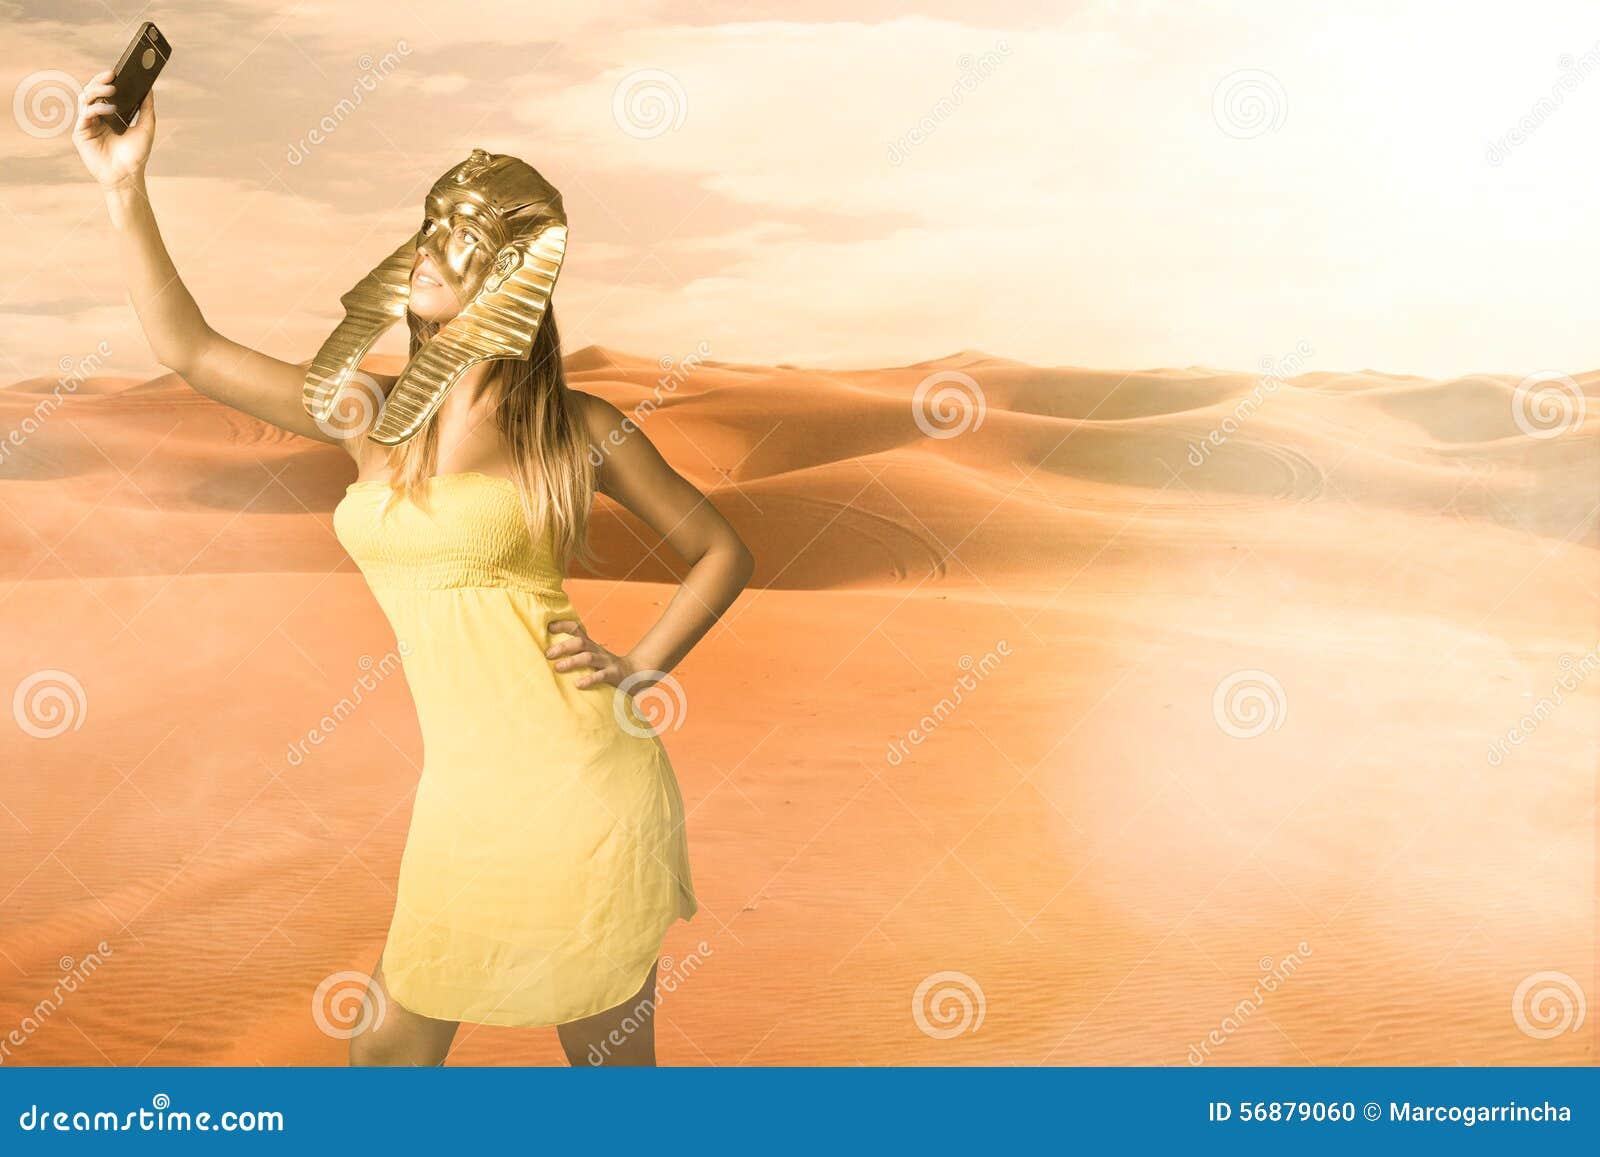 De Egyptische sfinx neemt een selfie